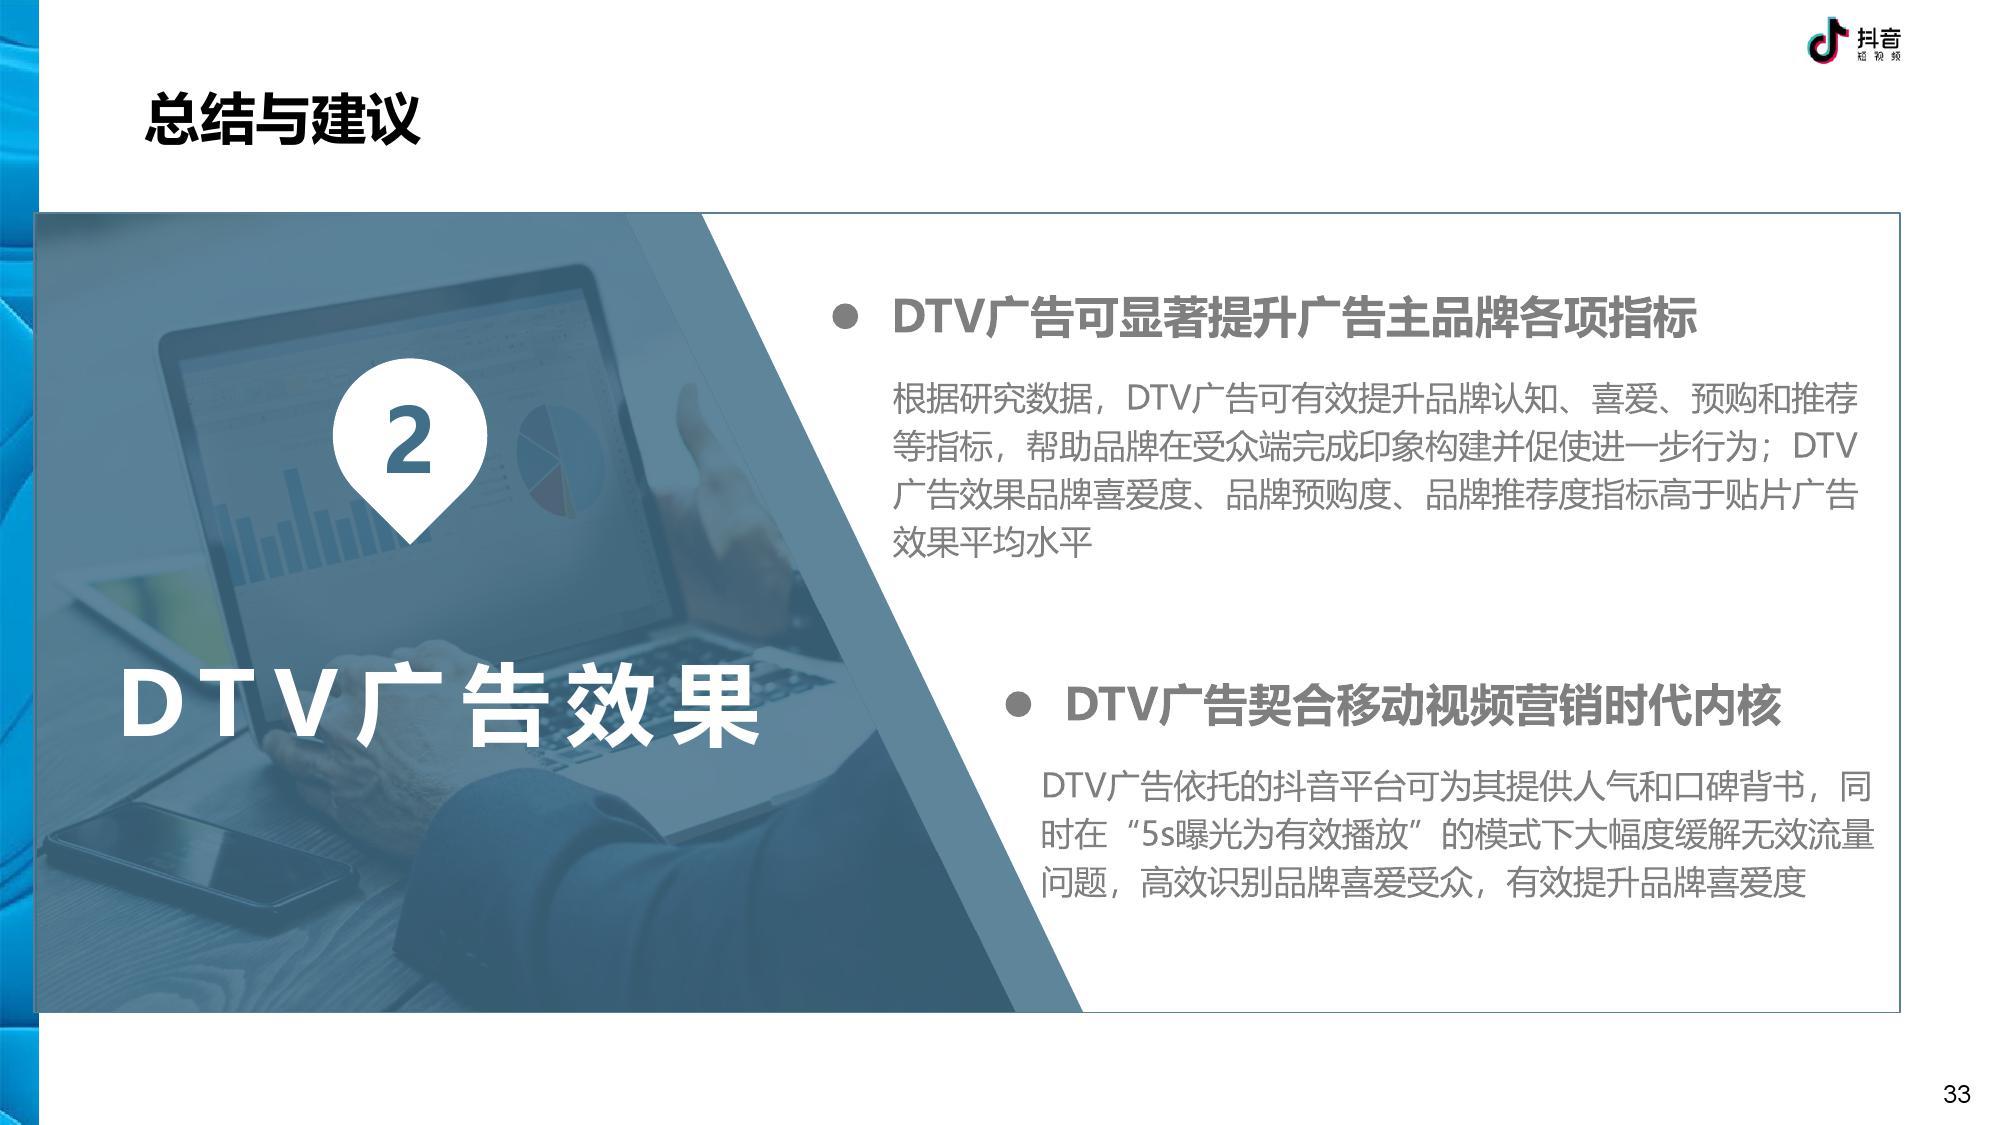 抖音 DTV 广告营销价值白皮书-CNMOAD 中文移动营销资讯 33